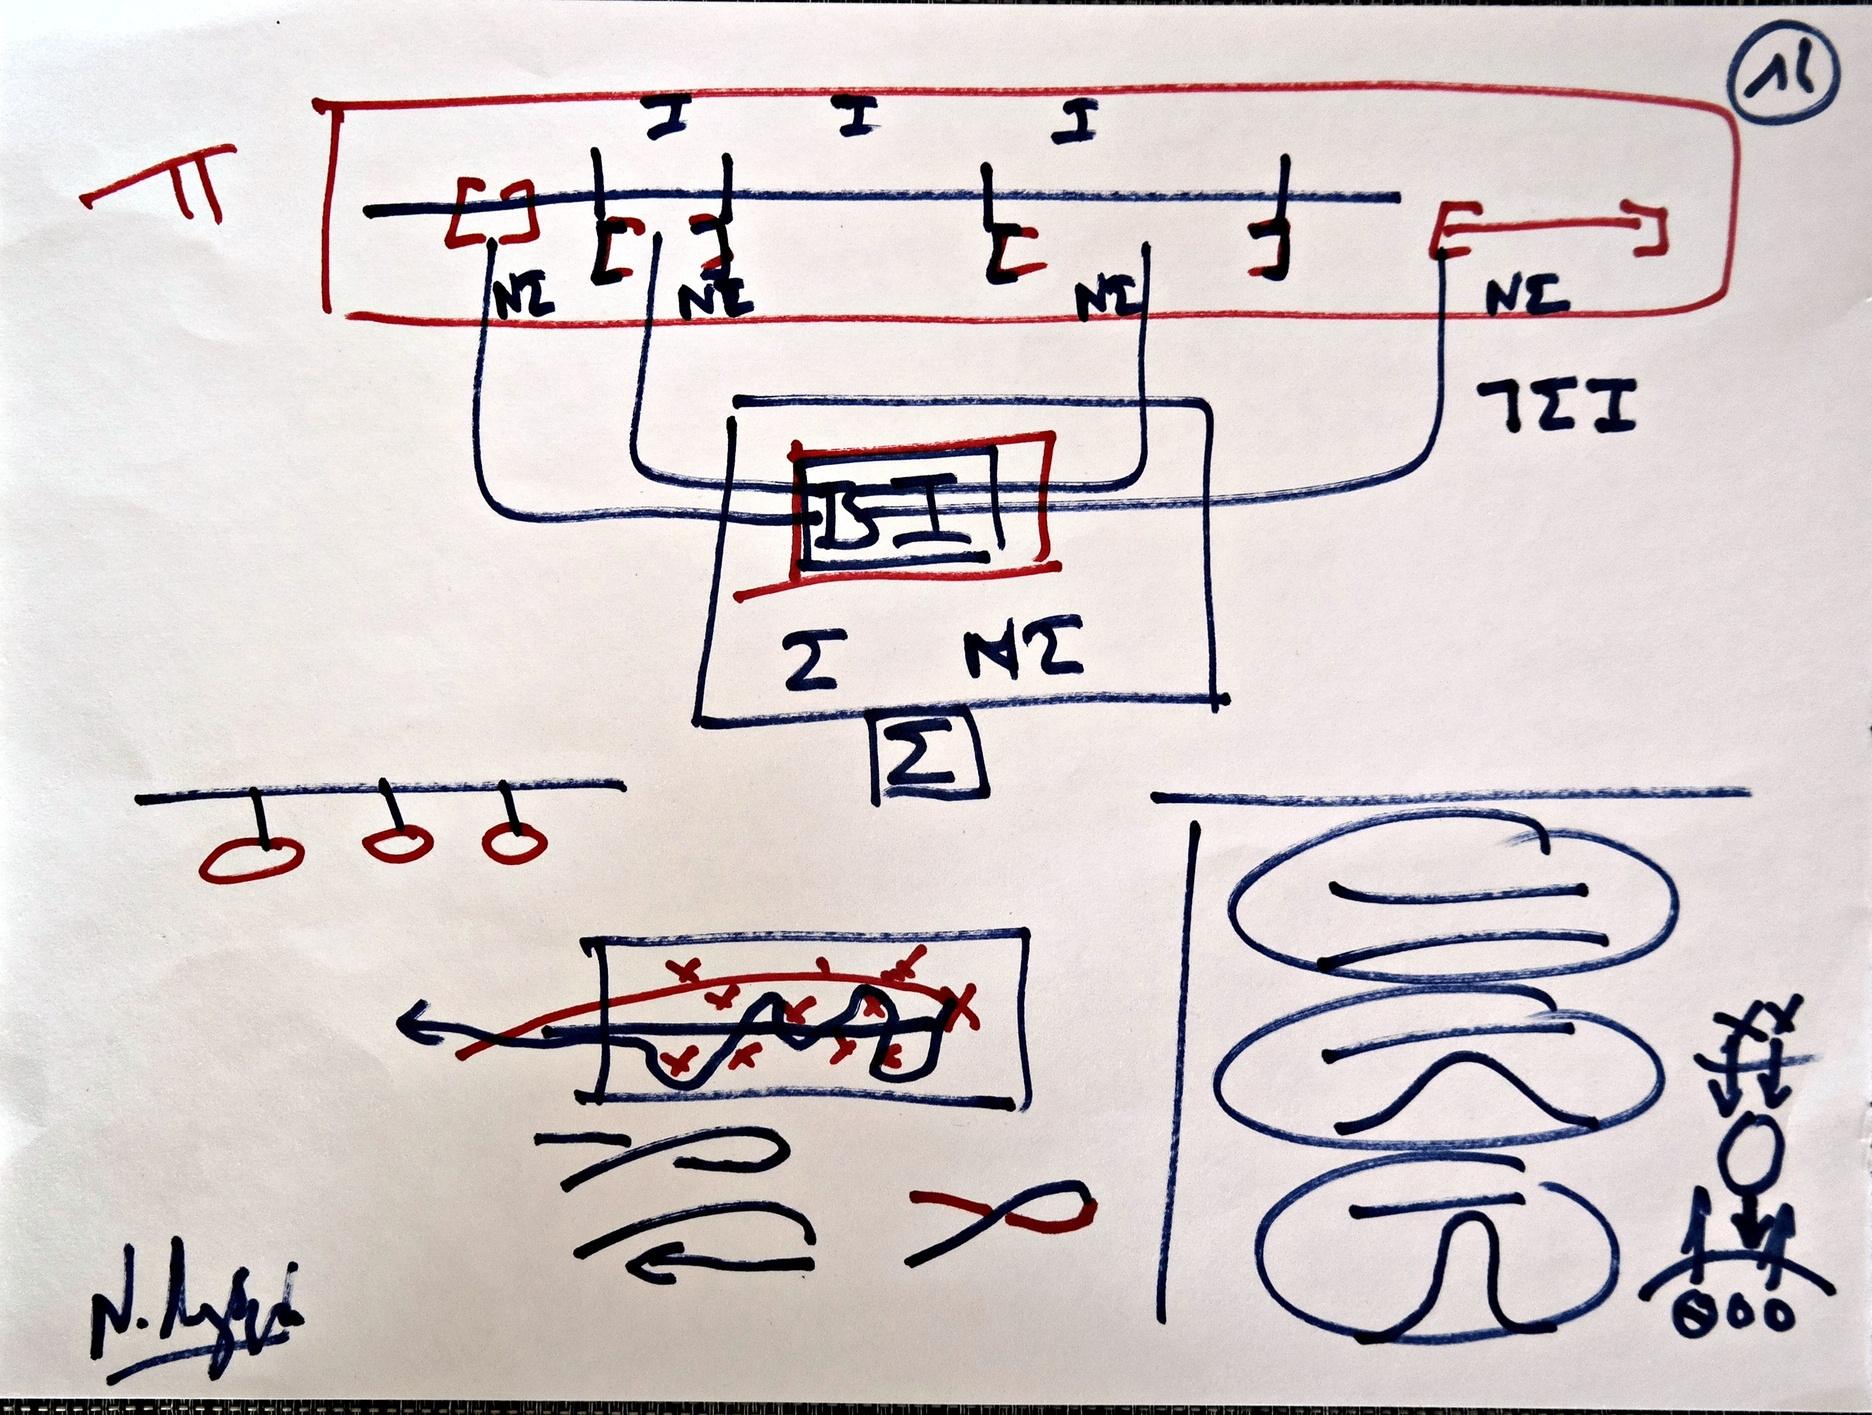 9ο Masterclass Τοποστρατηγικής και Χρονοστρατηγικής - XIV. (Dessin)